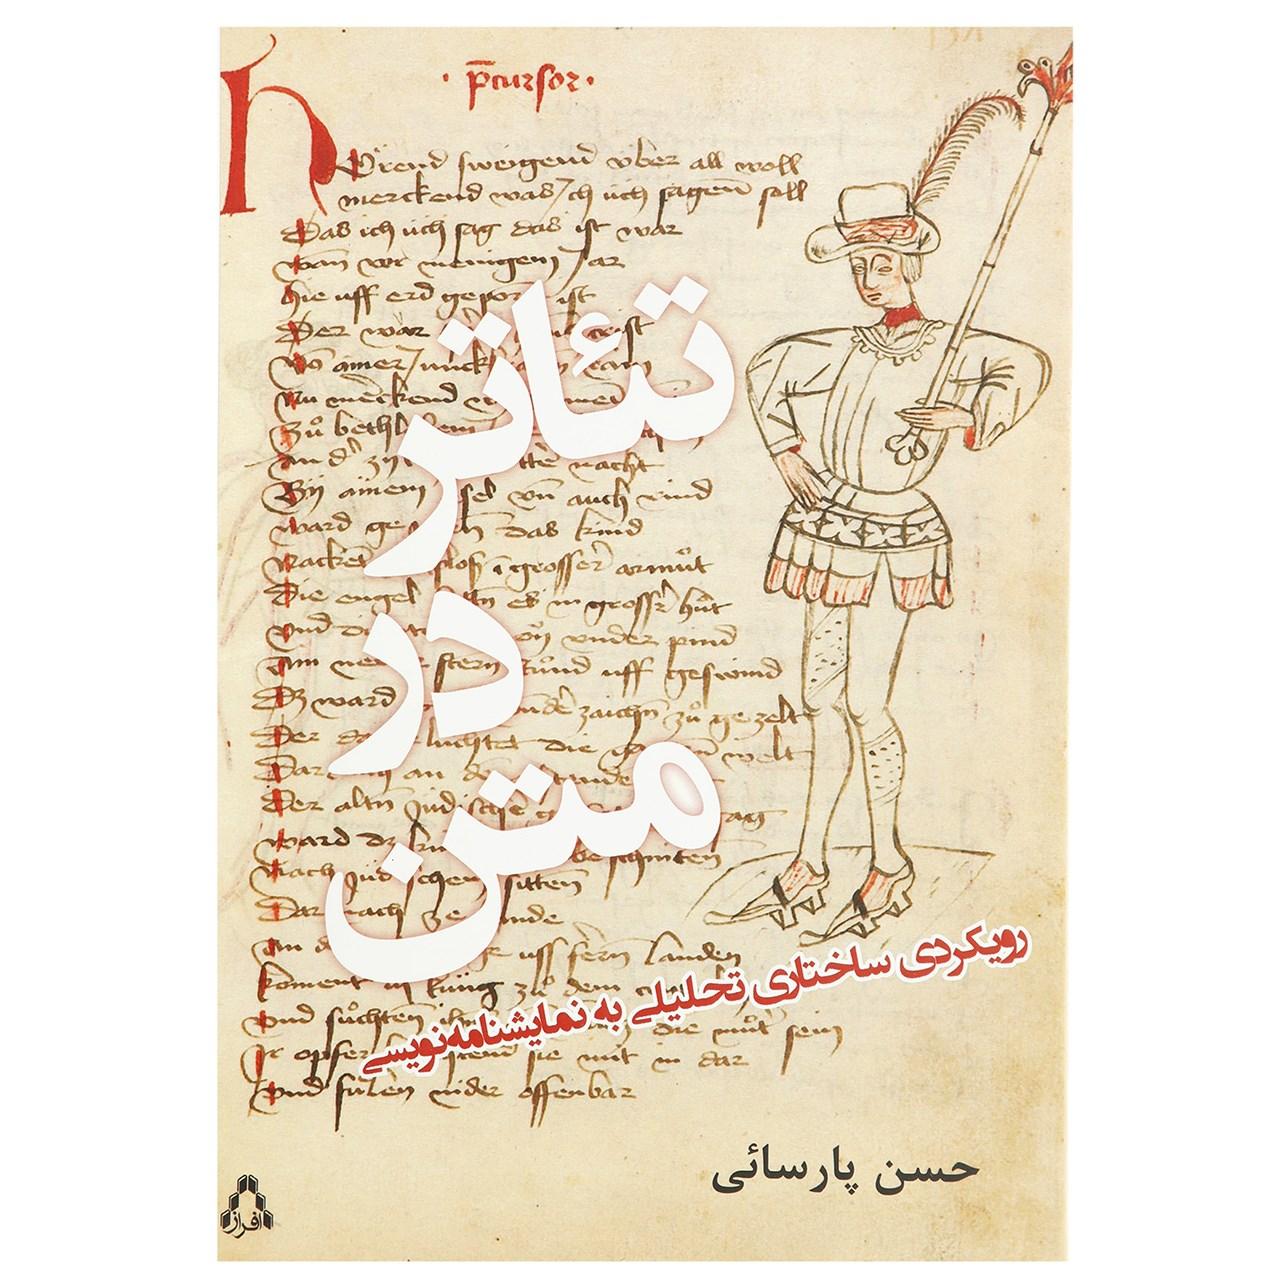 کتاب تئاتر در متن اثر حسن پارسائی